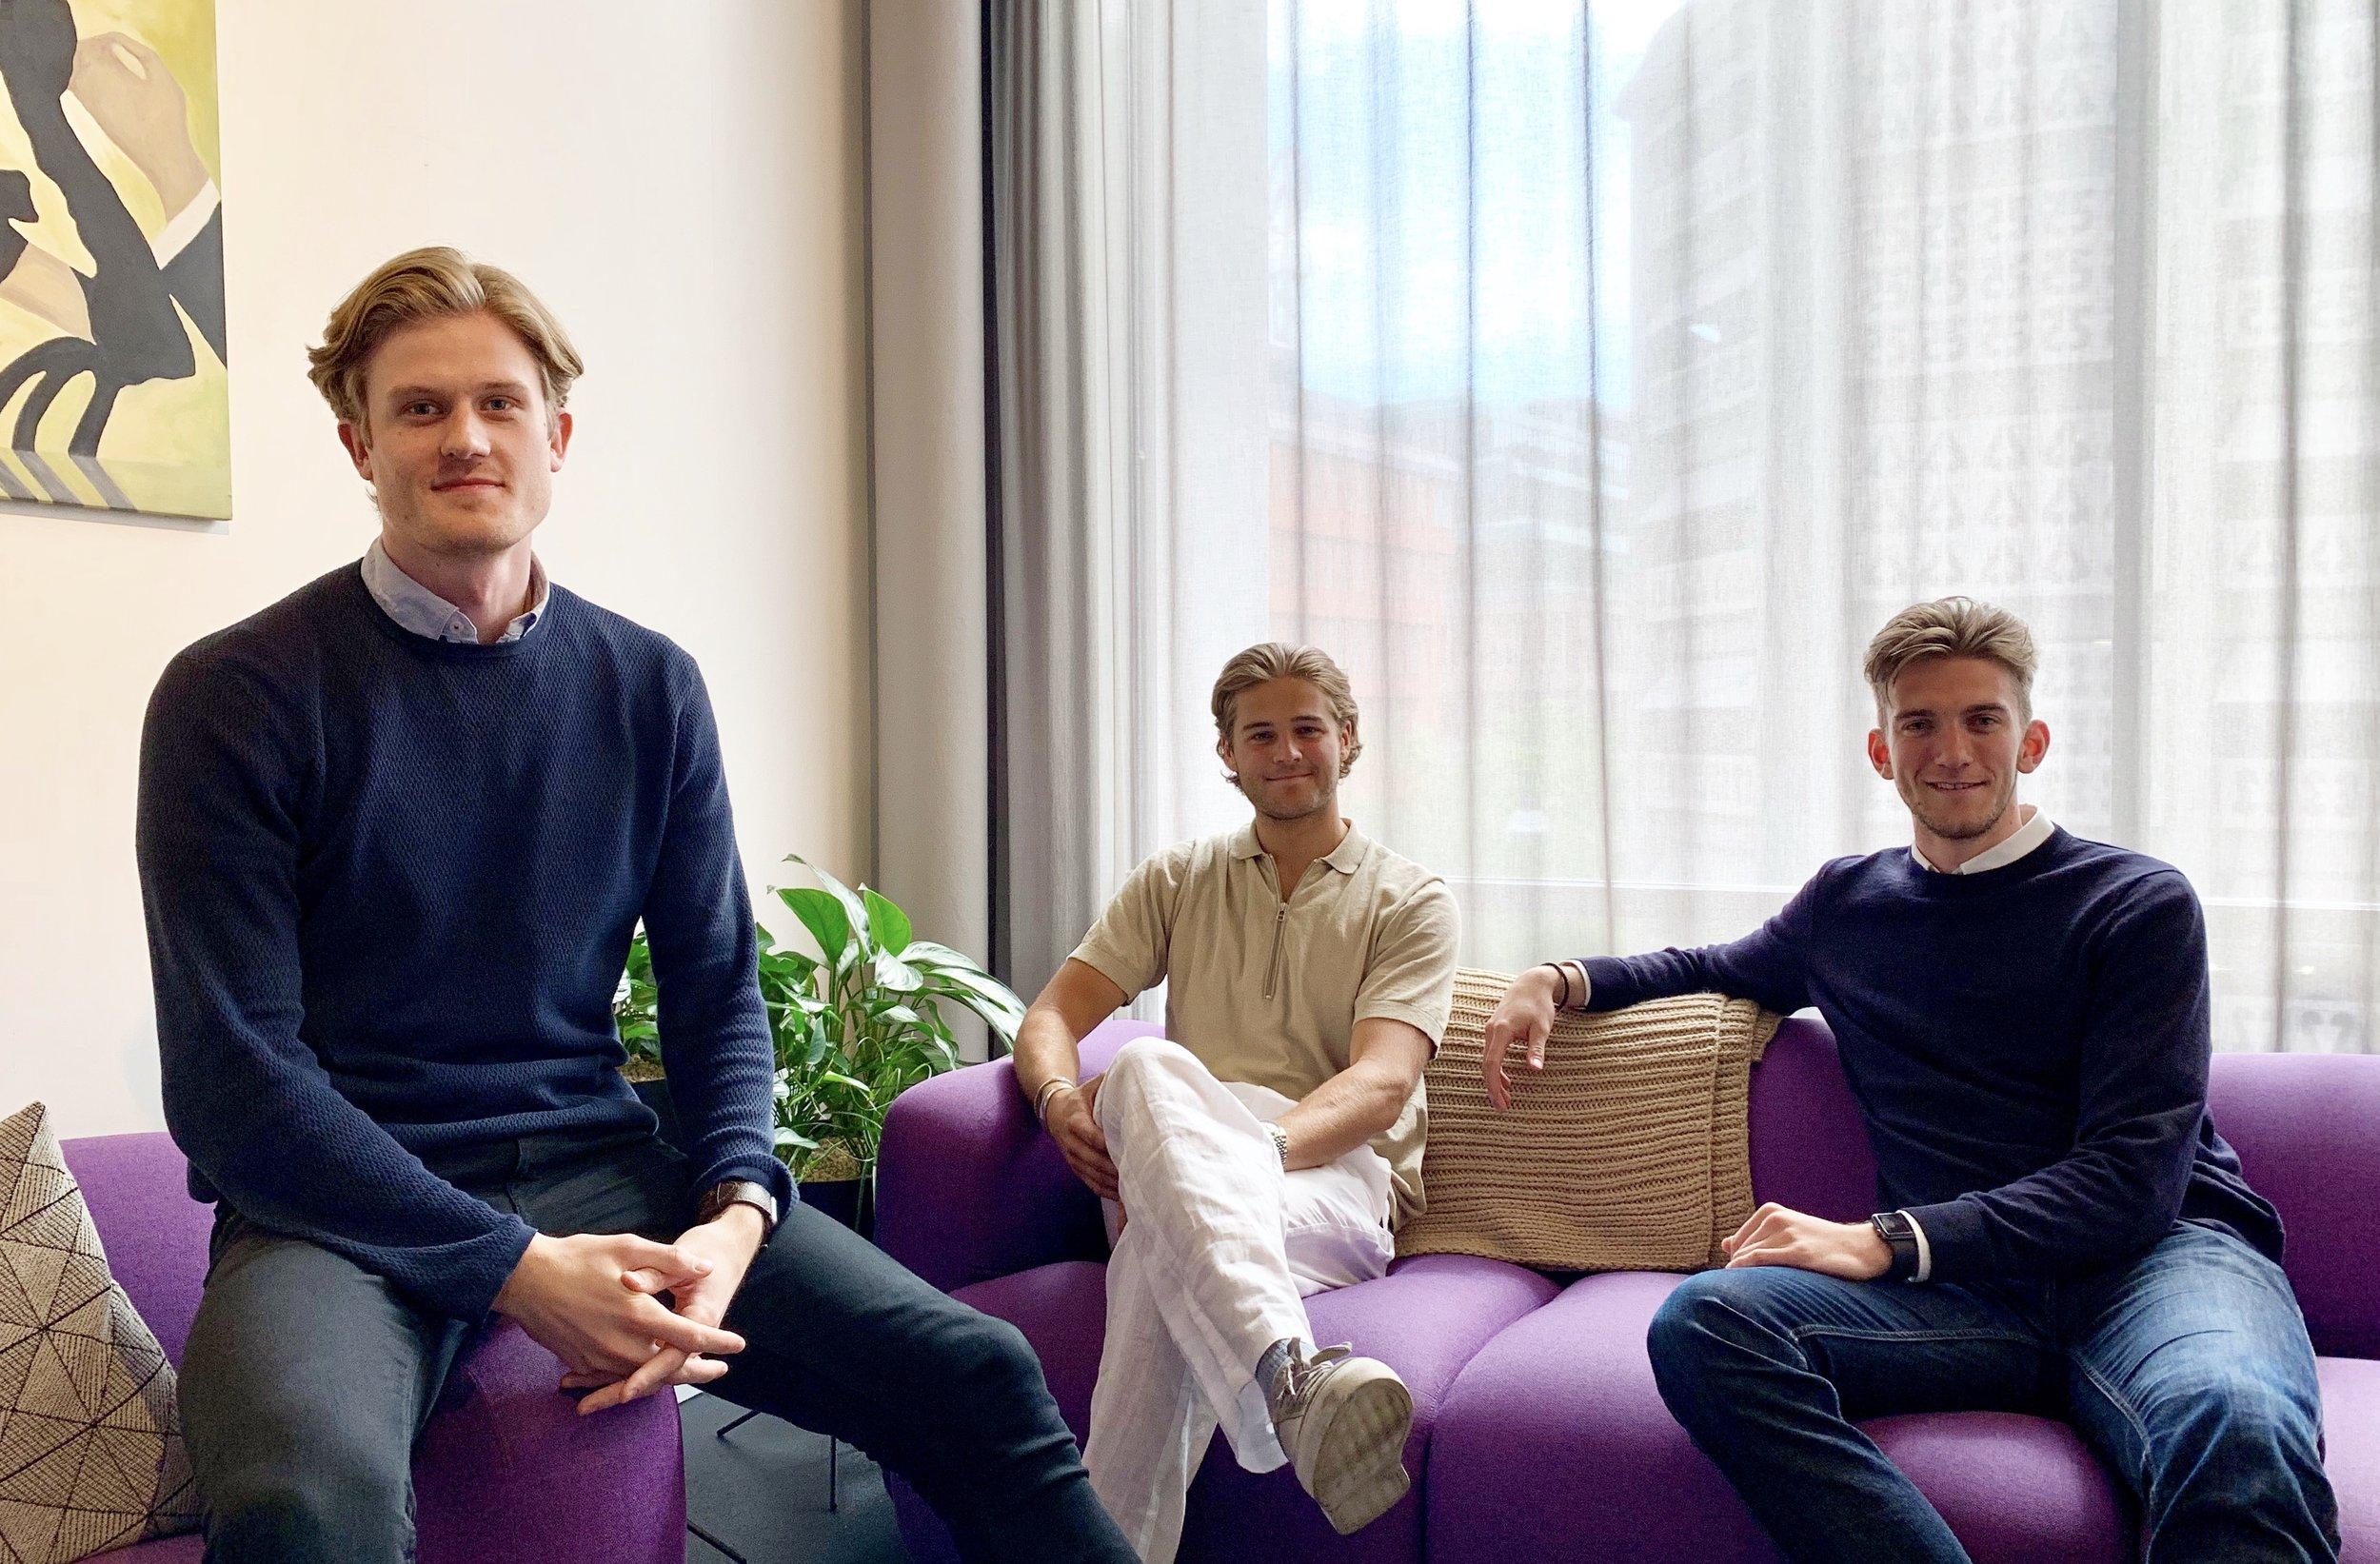 Från vänster: Philip Locklund, Carl-Philip Rudin & Peter Stahl